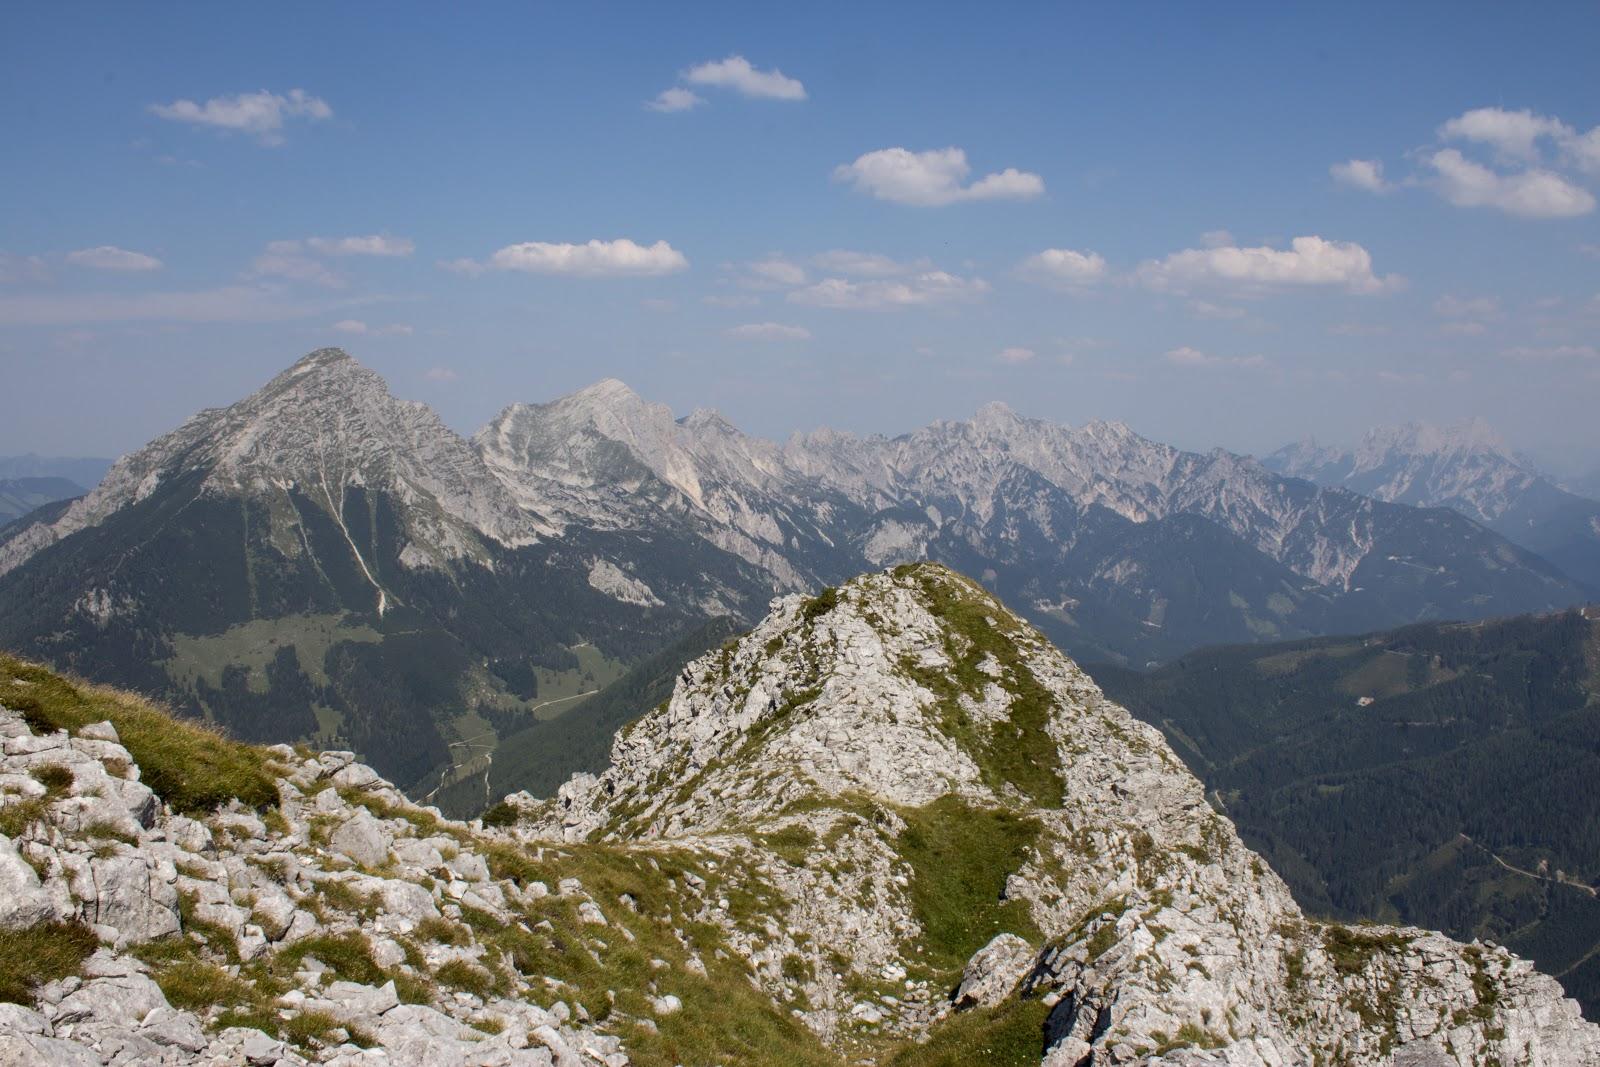 Von der Ardningeralmhütte über den Wildfrauensteig auf Frauenmauer, Bosruck und Kitzstein. - Aussicht vom Bosruck